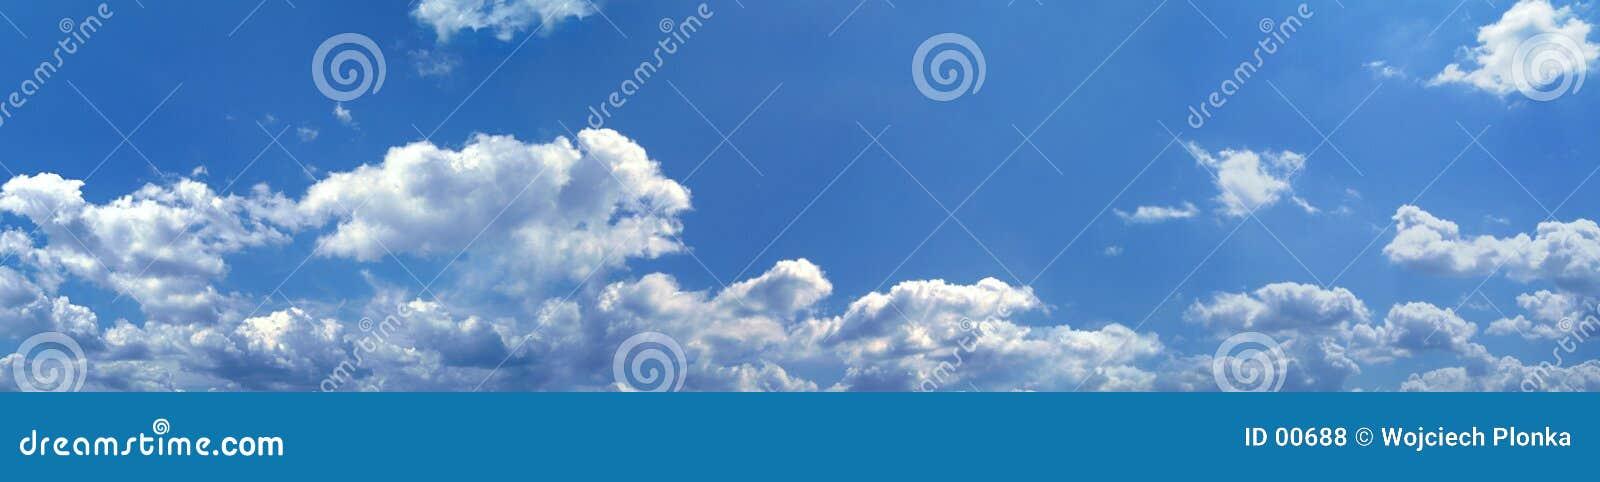 Blue sky panorama